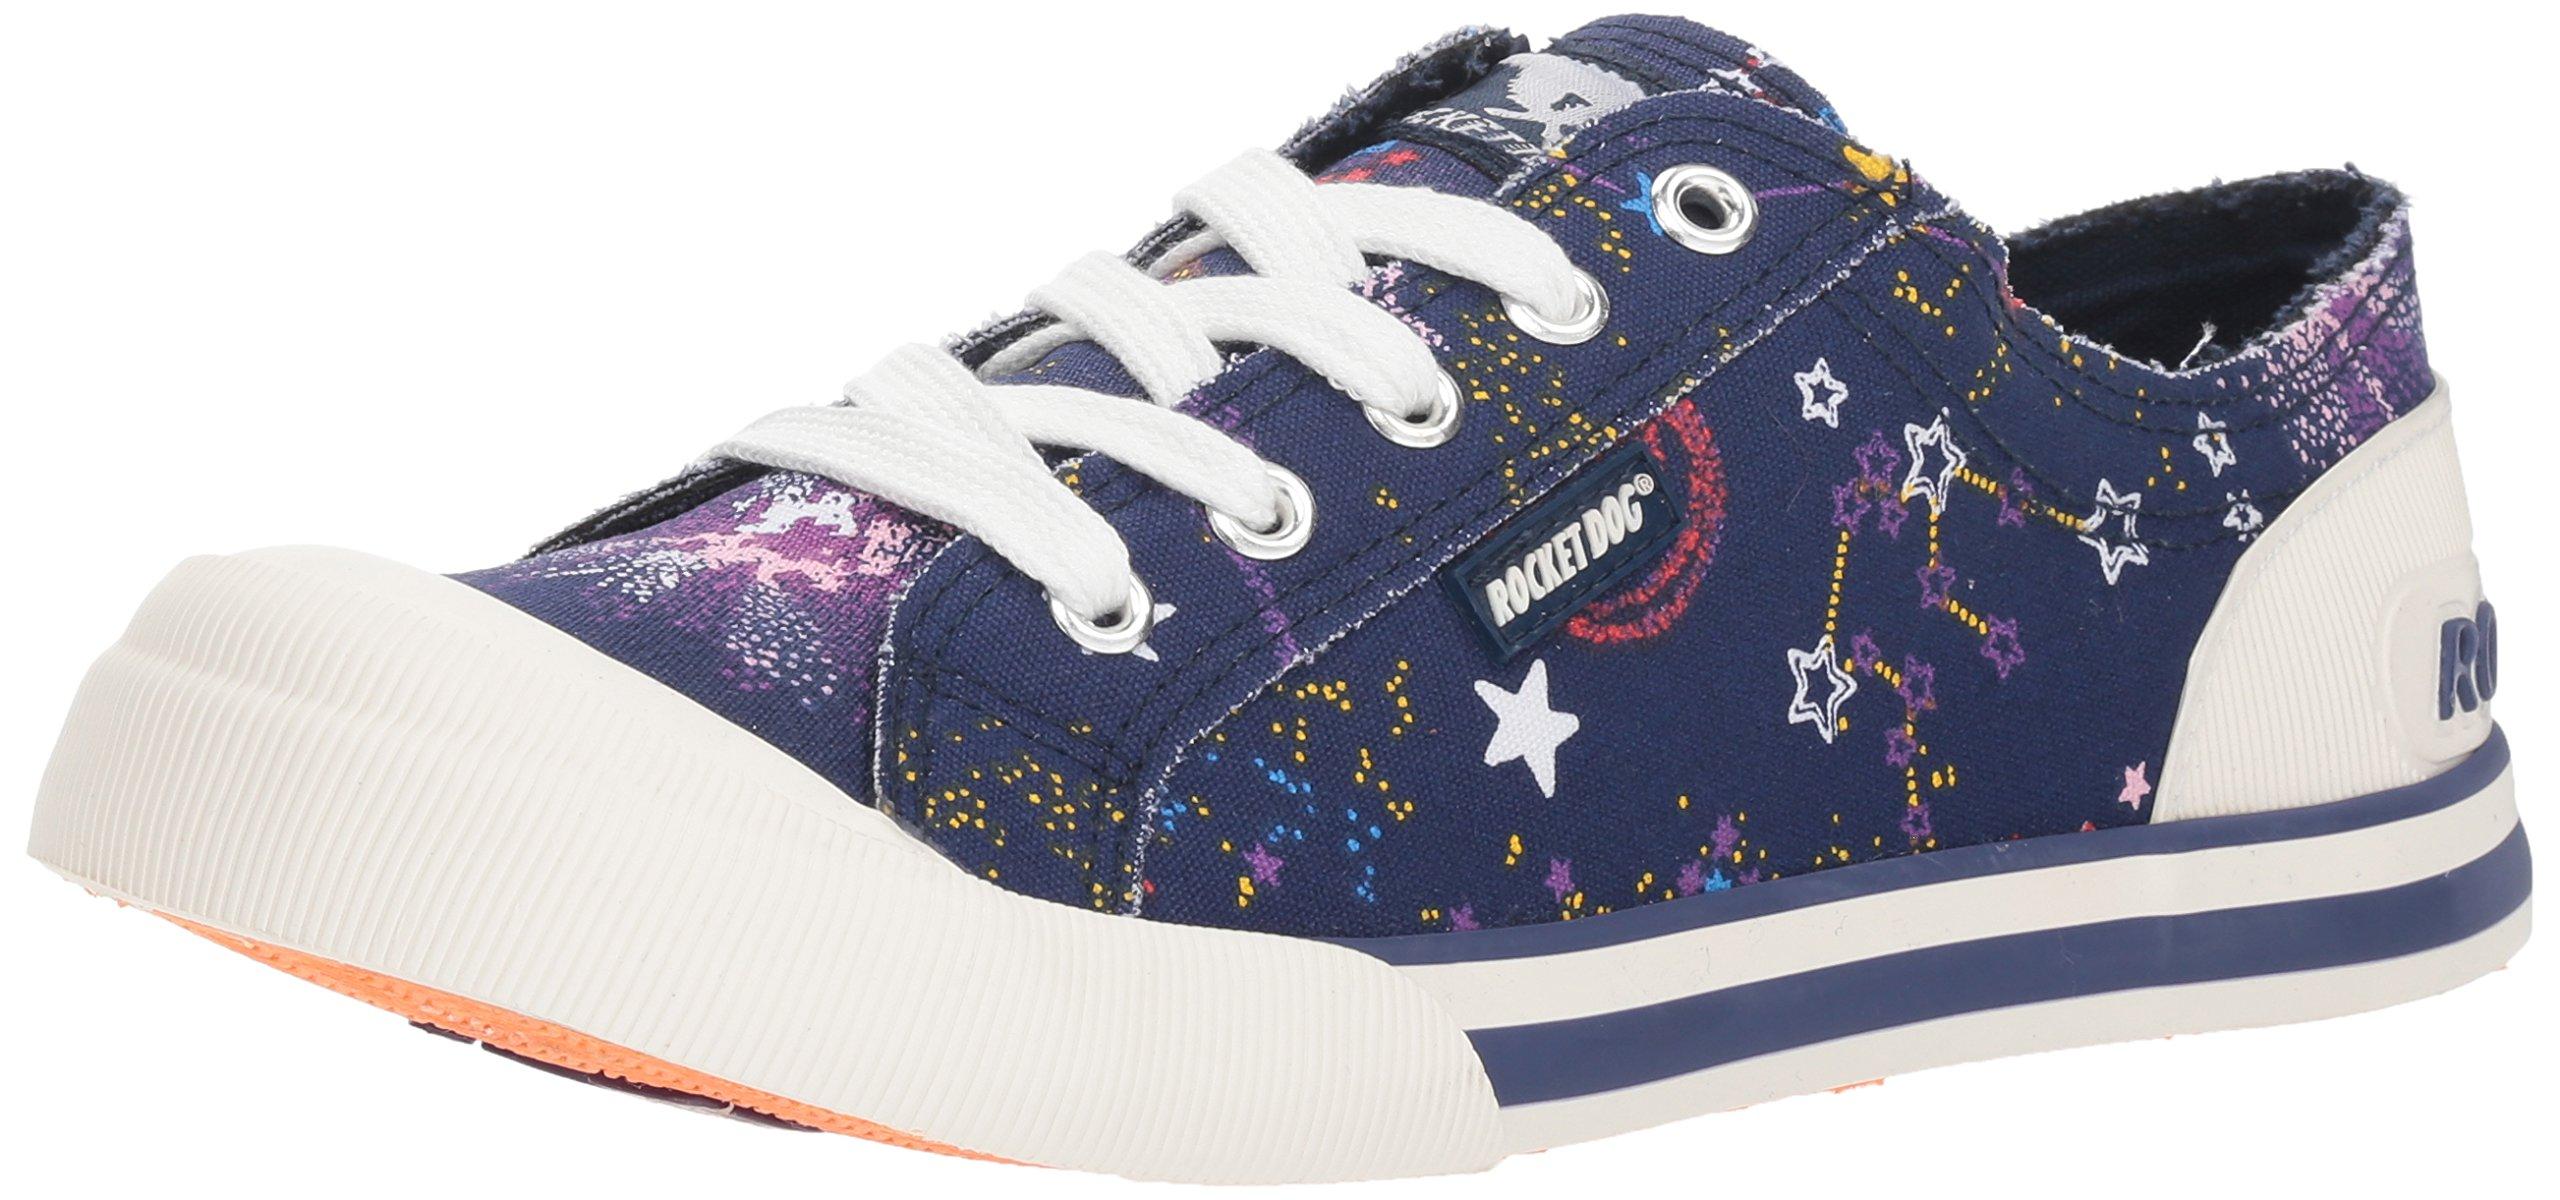 Rocket Dog Women's Jazzin Stargaze Cotton Sneaker, Navy Multi, 6 M US